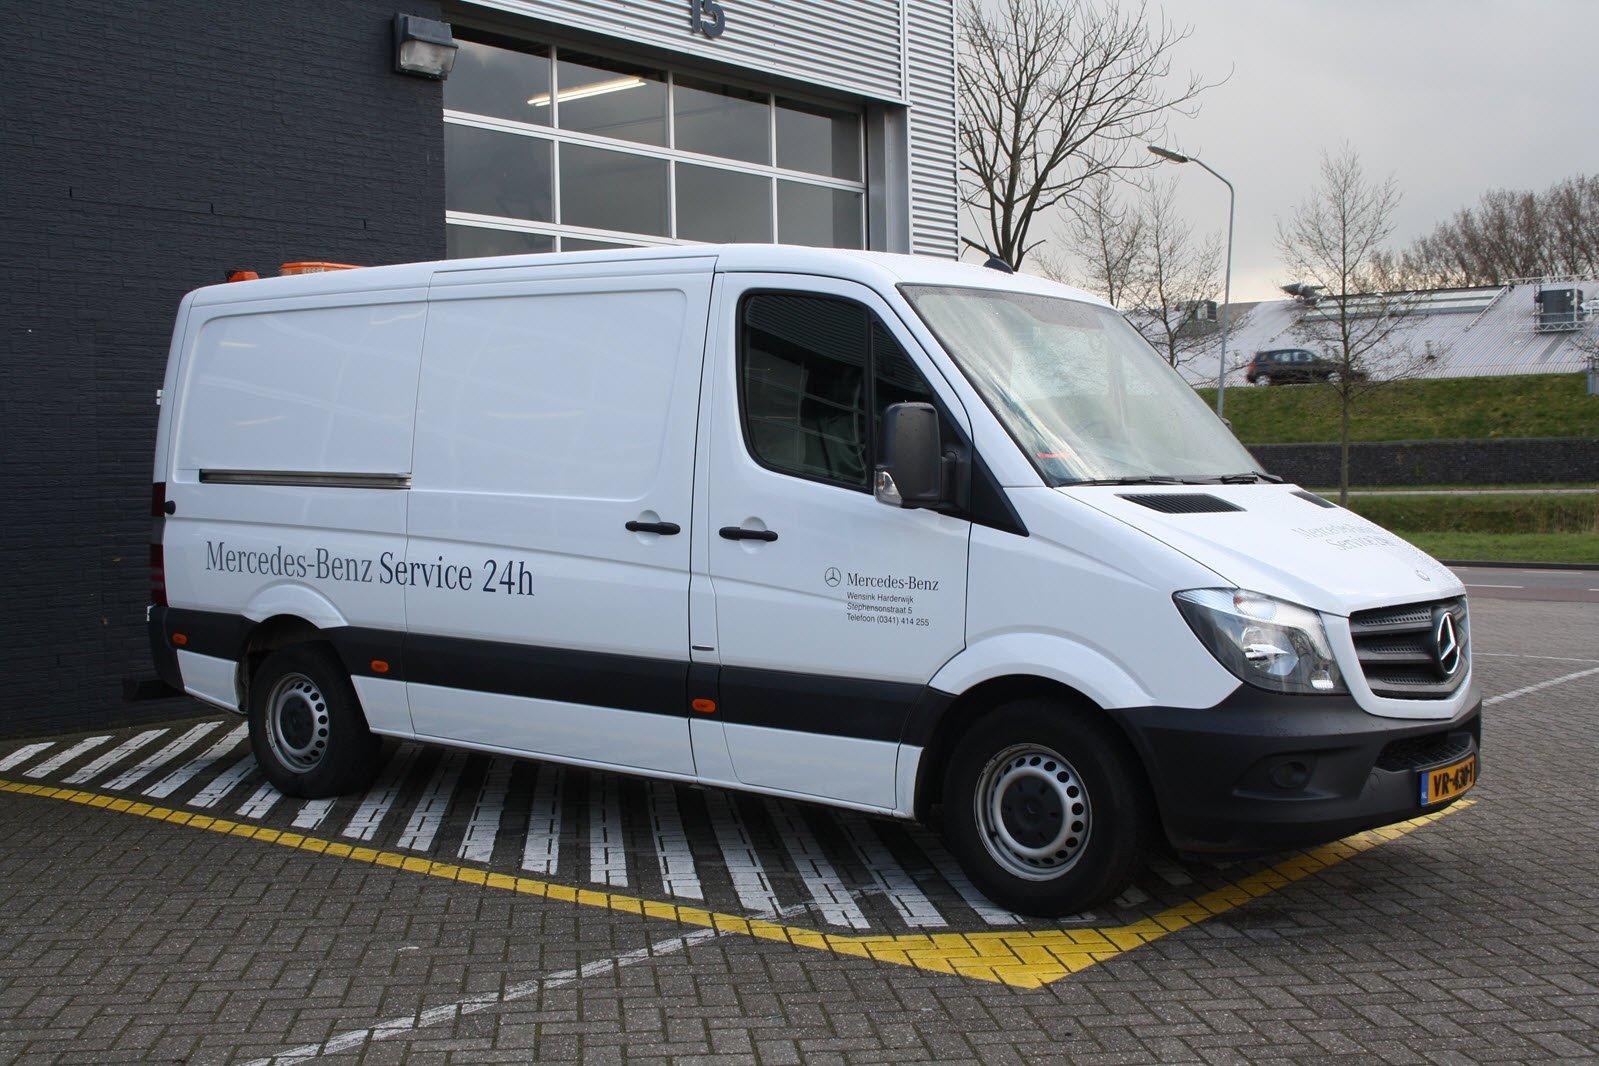 Wensink Mercedes-Benz Bedrijfswagens Harderwijk